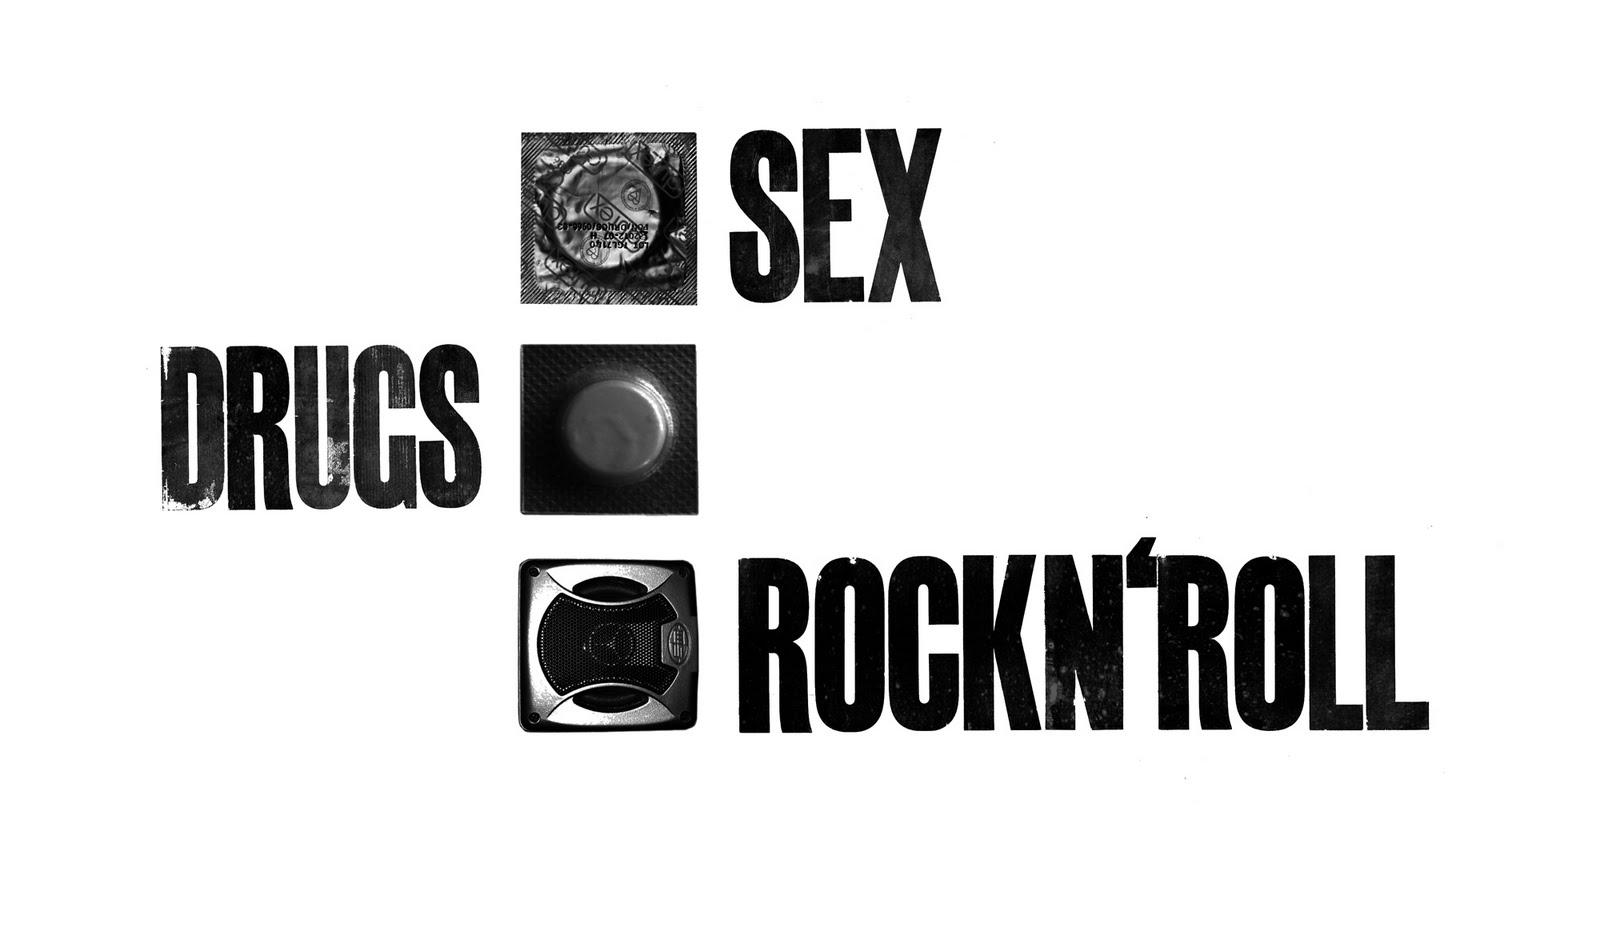 seks-i-roken-roll